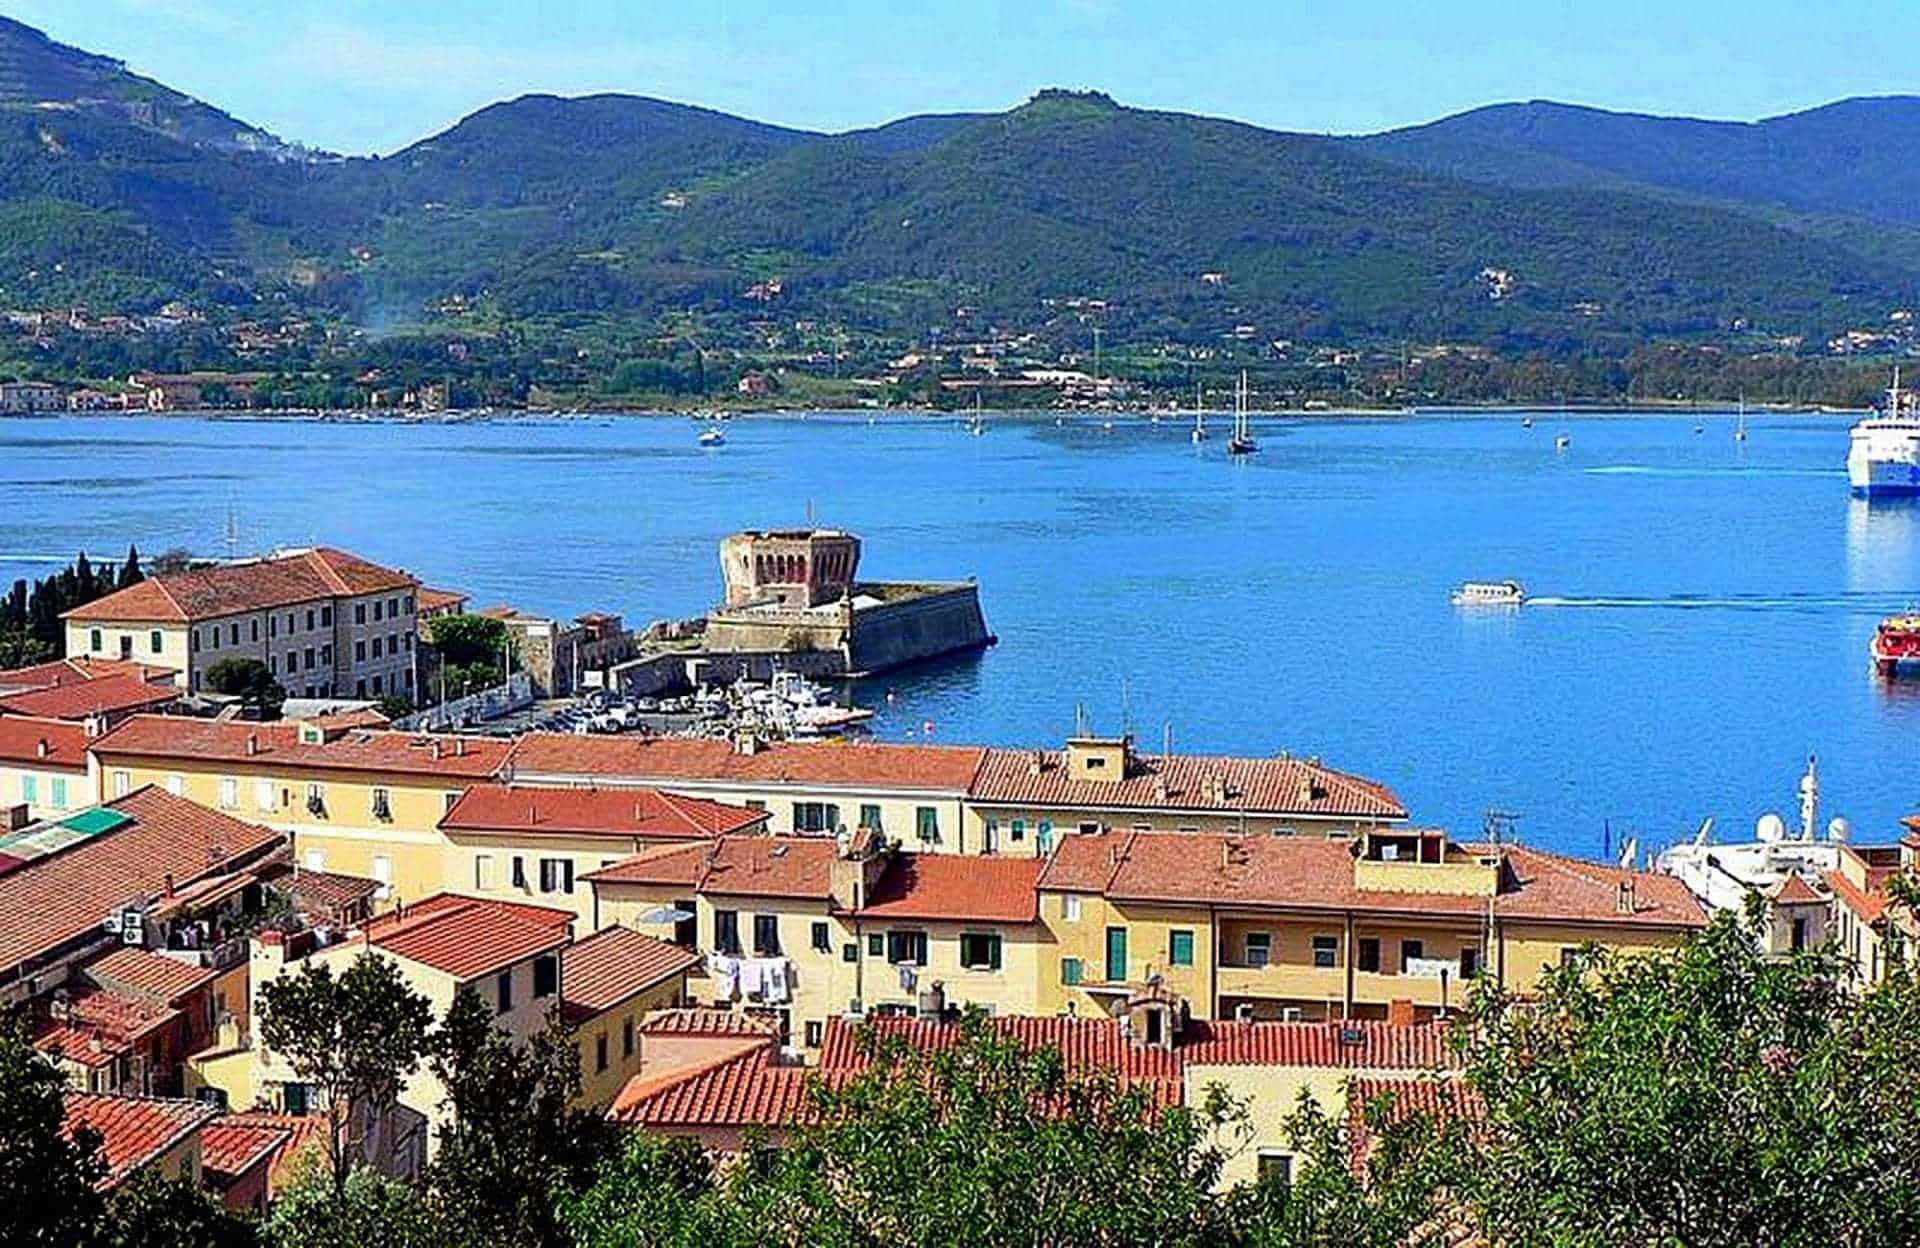 Estate al mare in Toscana? Prendi un traghetto per l'isola d'Elba!